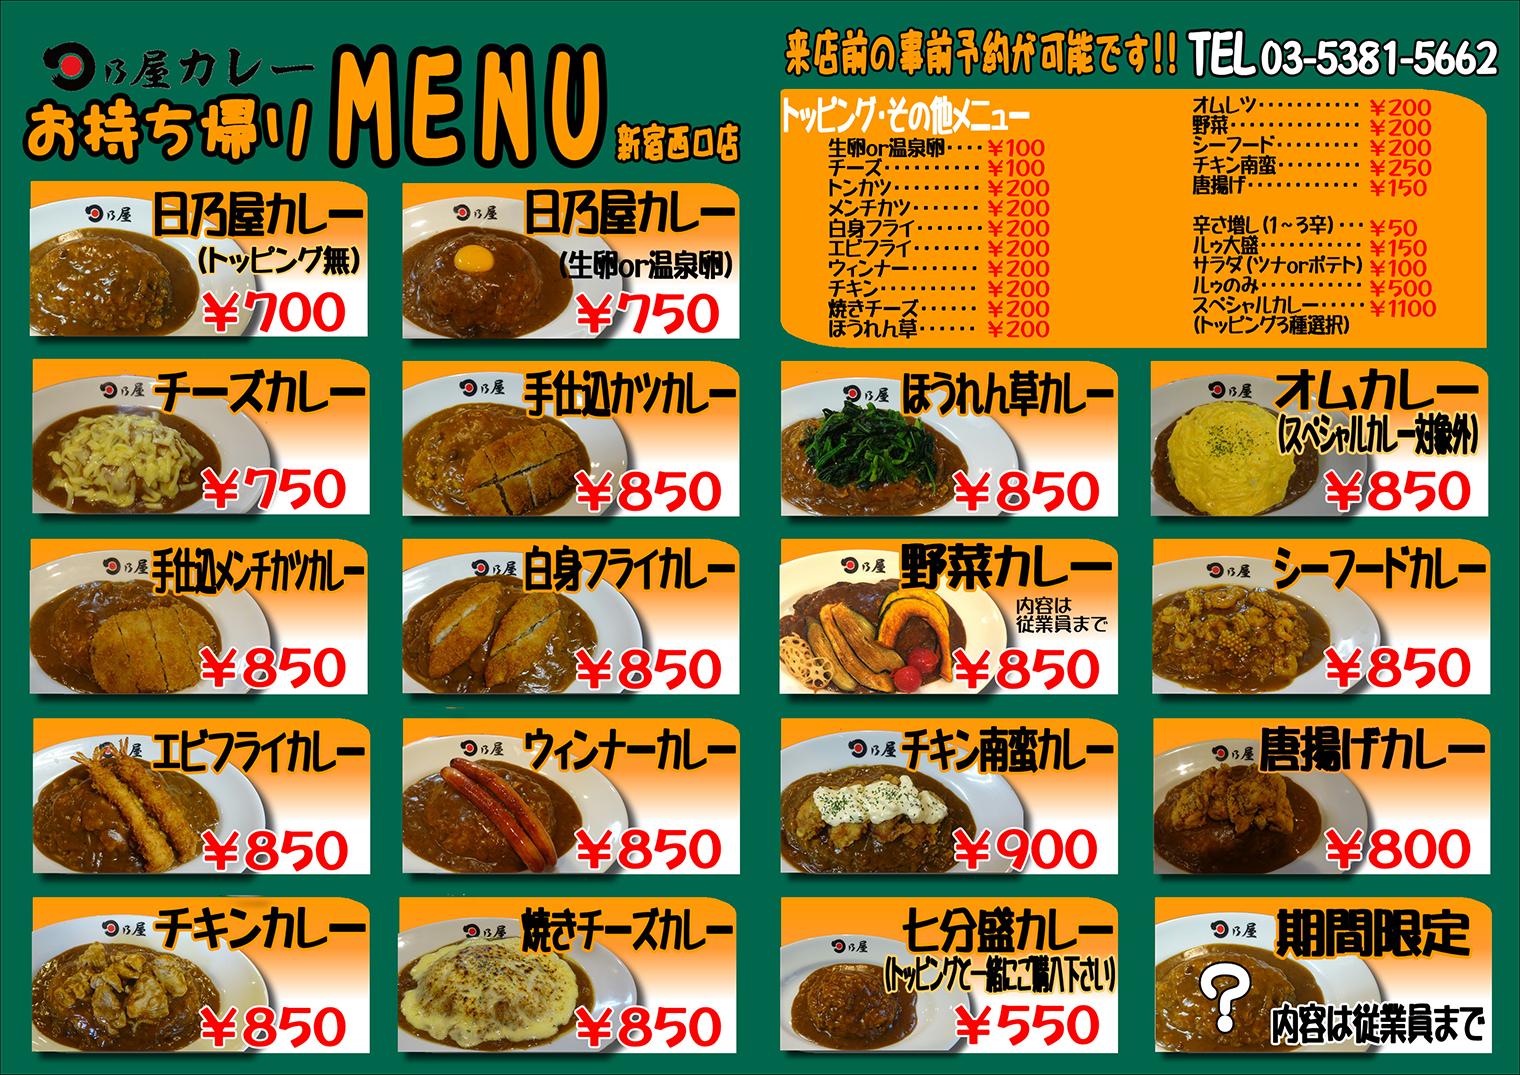 日乃屋カレー新宿西口店メニュー画像